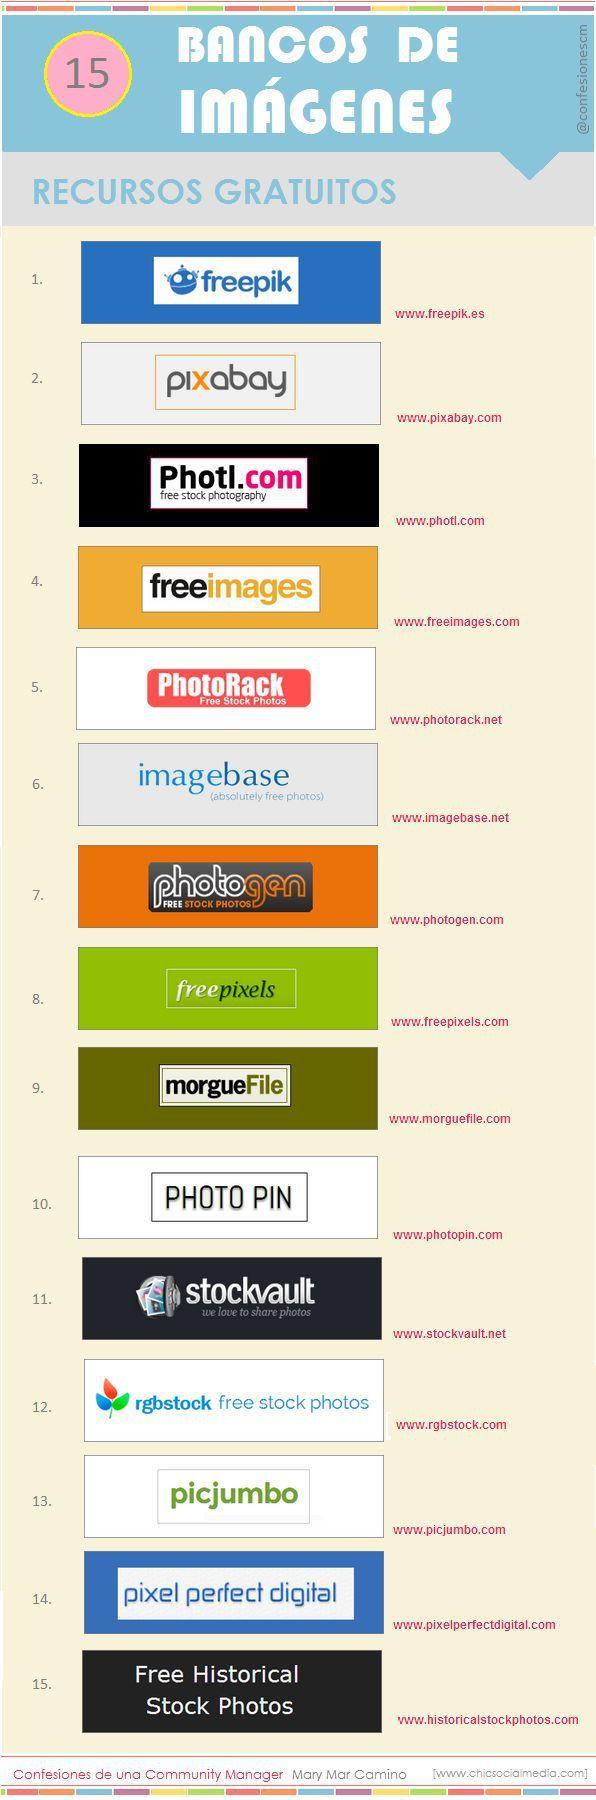 BancosImagenes15Sitios-Infografía-BlogGesvin #arteparaempresa #activate #sueña #motivacion #marketing